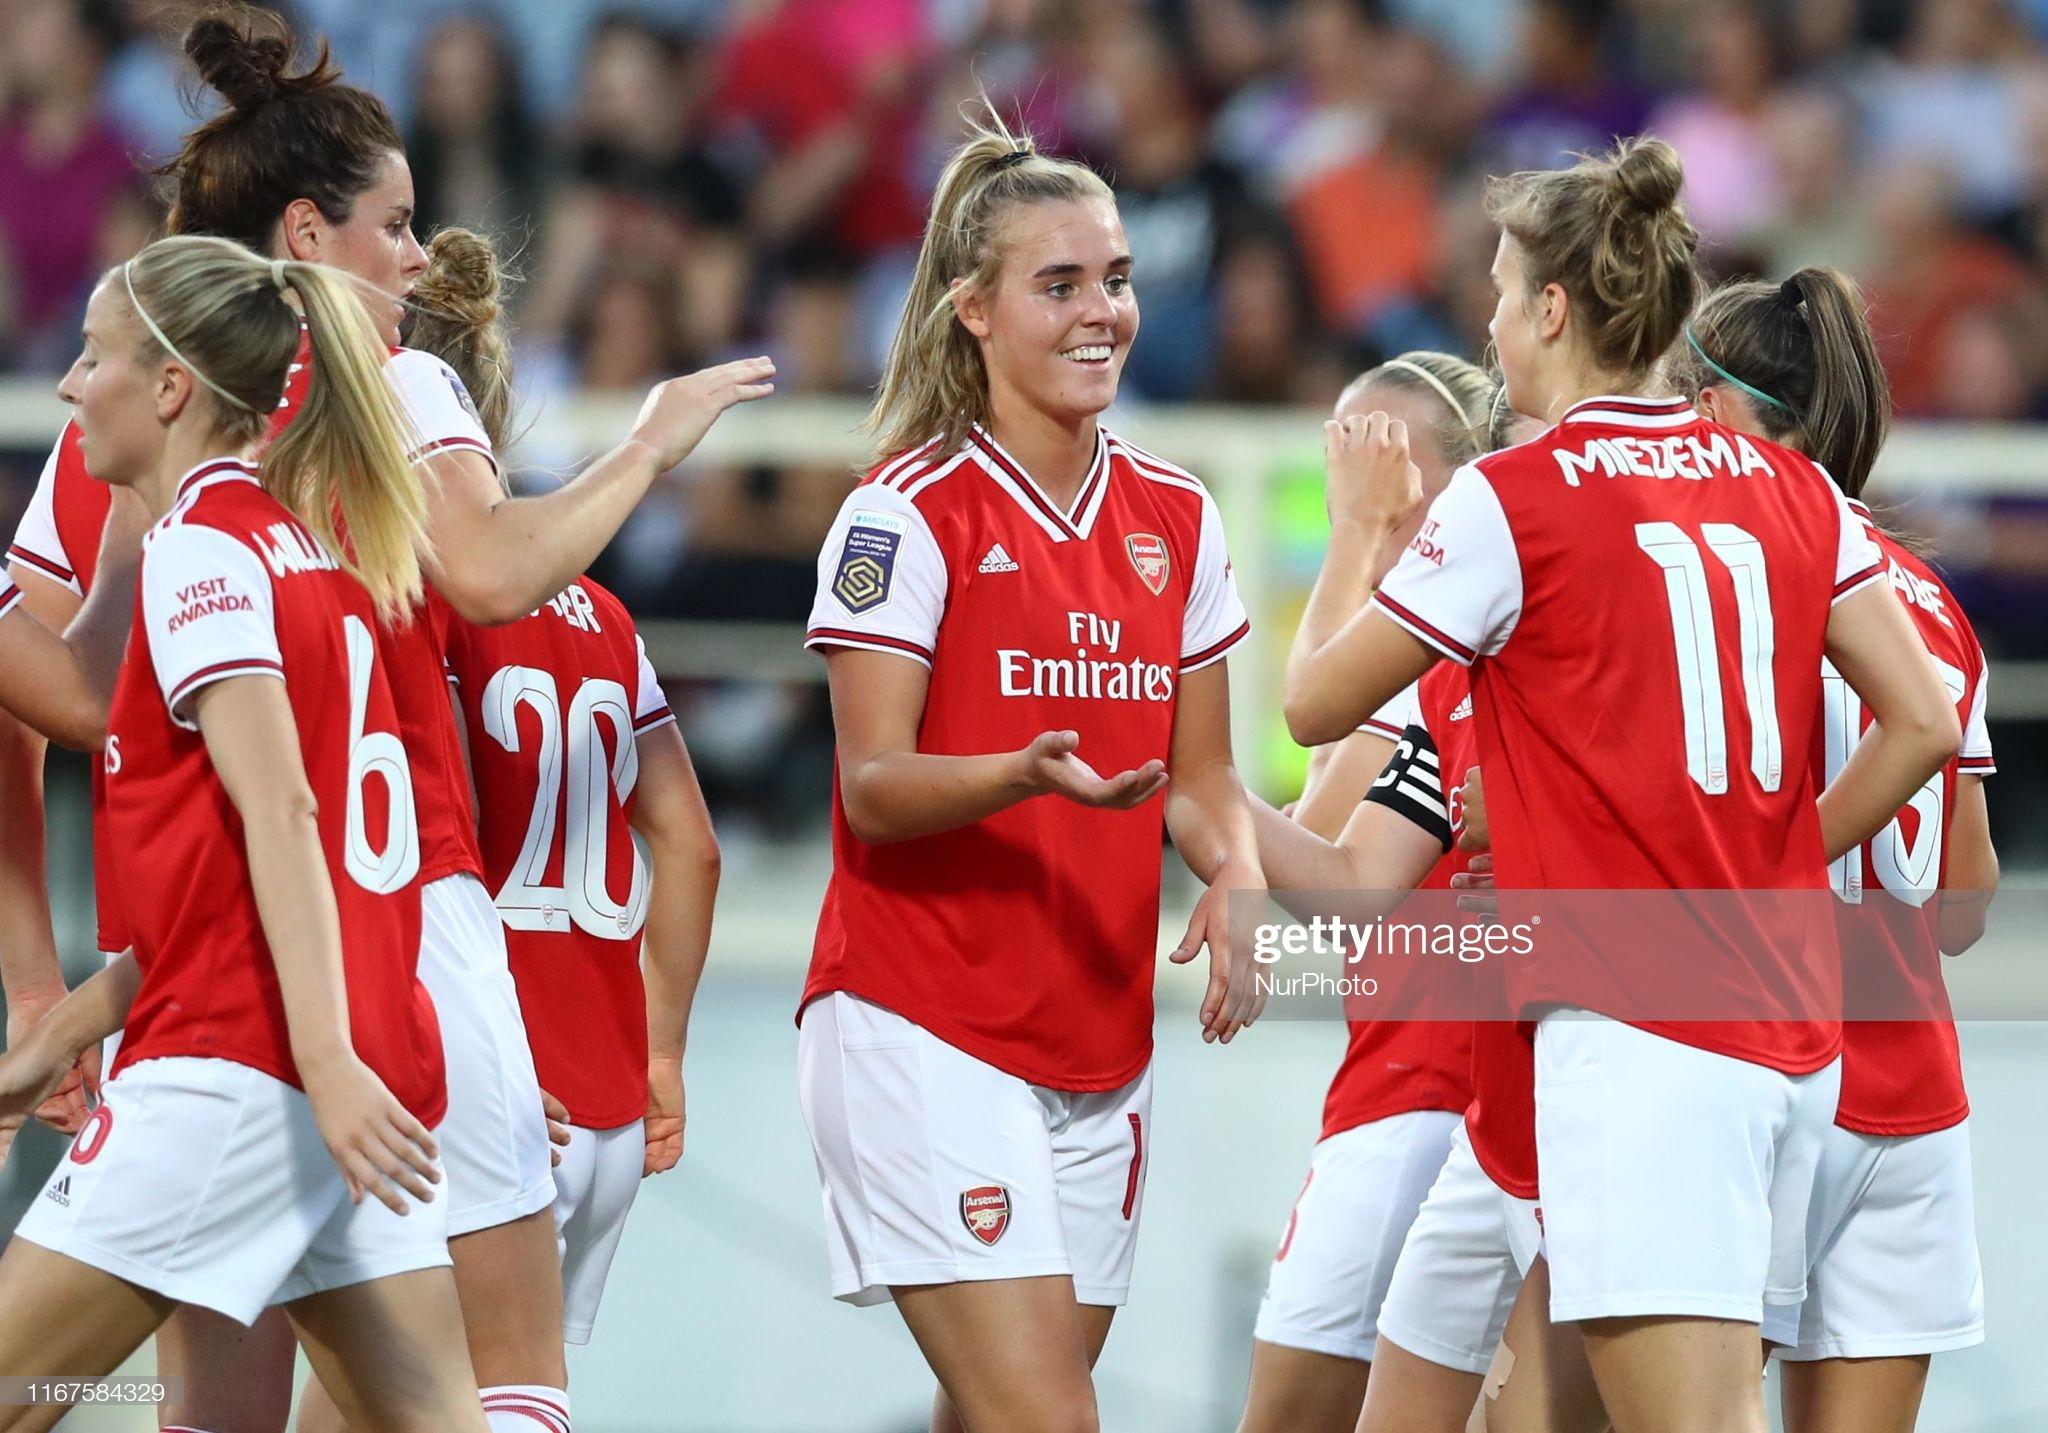 گزارش تصویری   دیدار تیمهای آرسنال و فیورنتینا در لیگ قهرمانان زنان